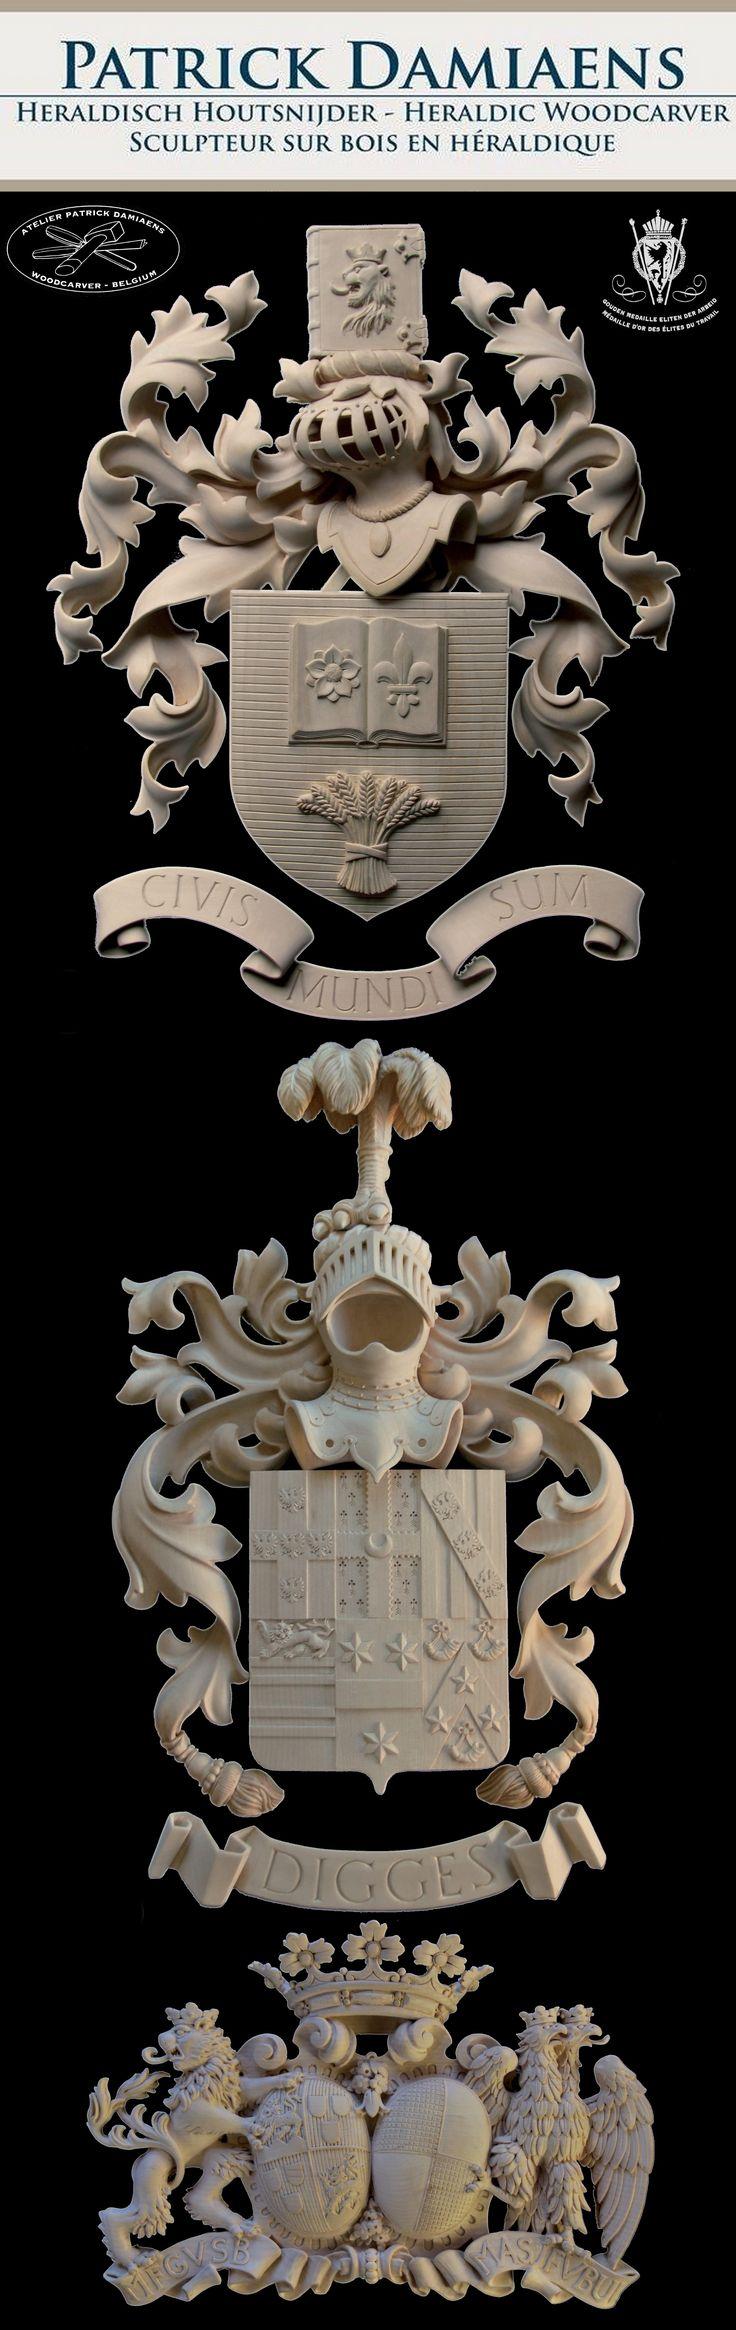 Familiewapen in hout laten maken | Een heraldisch familiewapen | Familiewapen in hout | http://www.patrickdamiaens.be